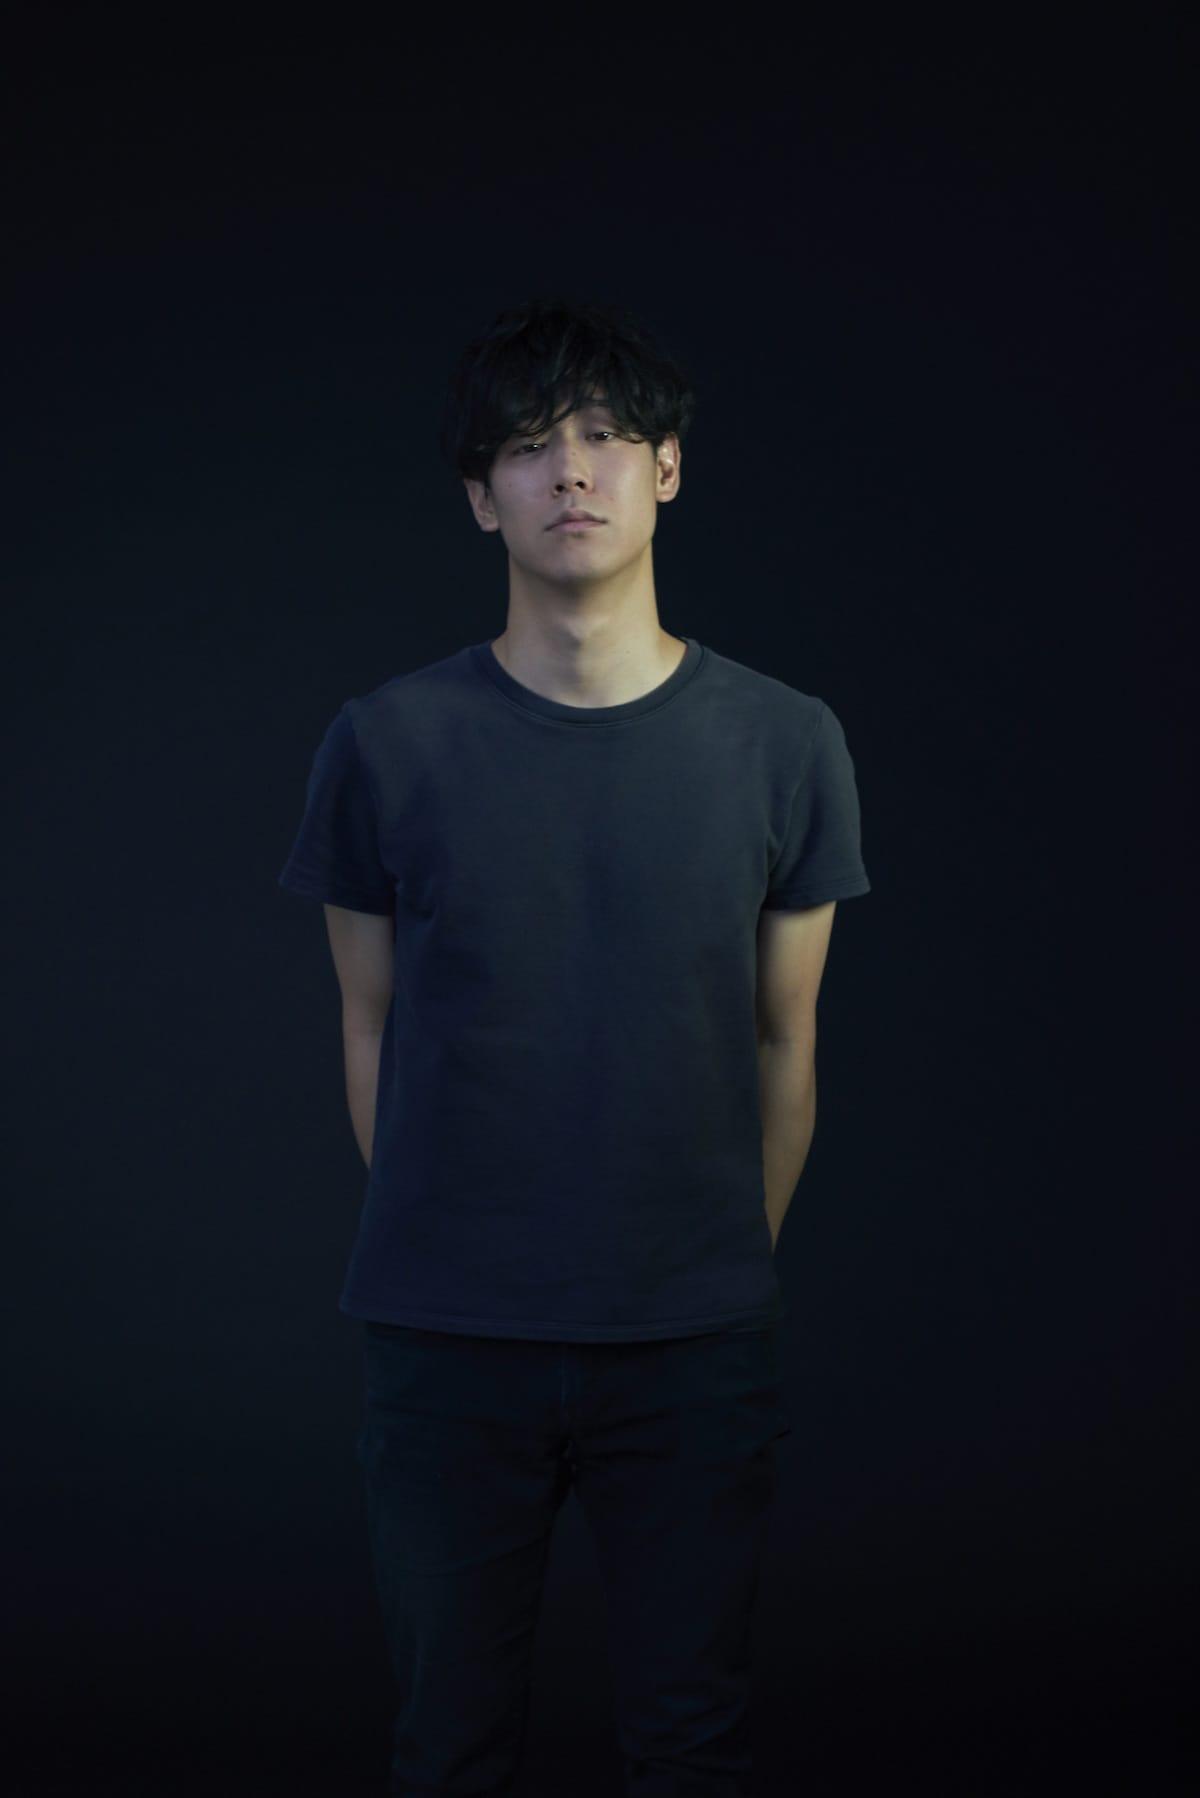 小袋成彬が本日、メジャーデビューアルバムをリリース!ワンマンライブリハーサル映像が公開 music180425-omukuronariaki-1-1200x1798